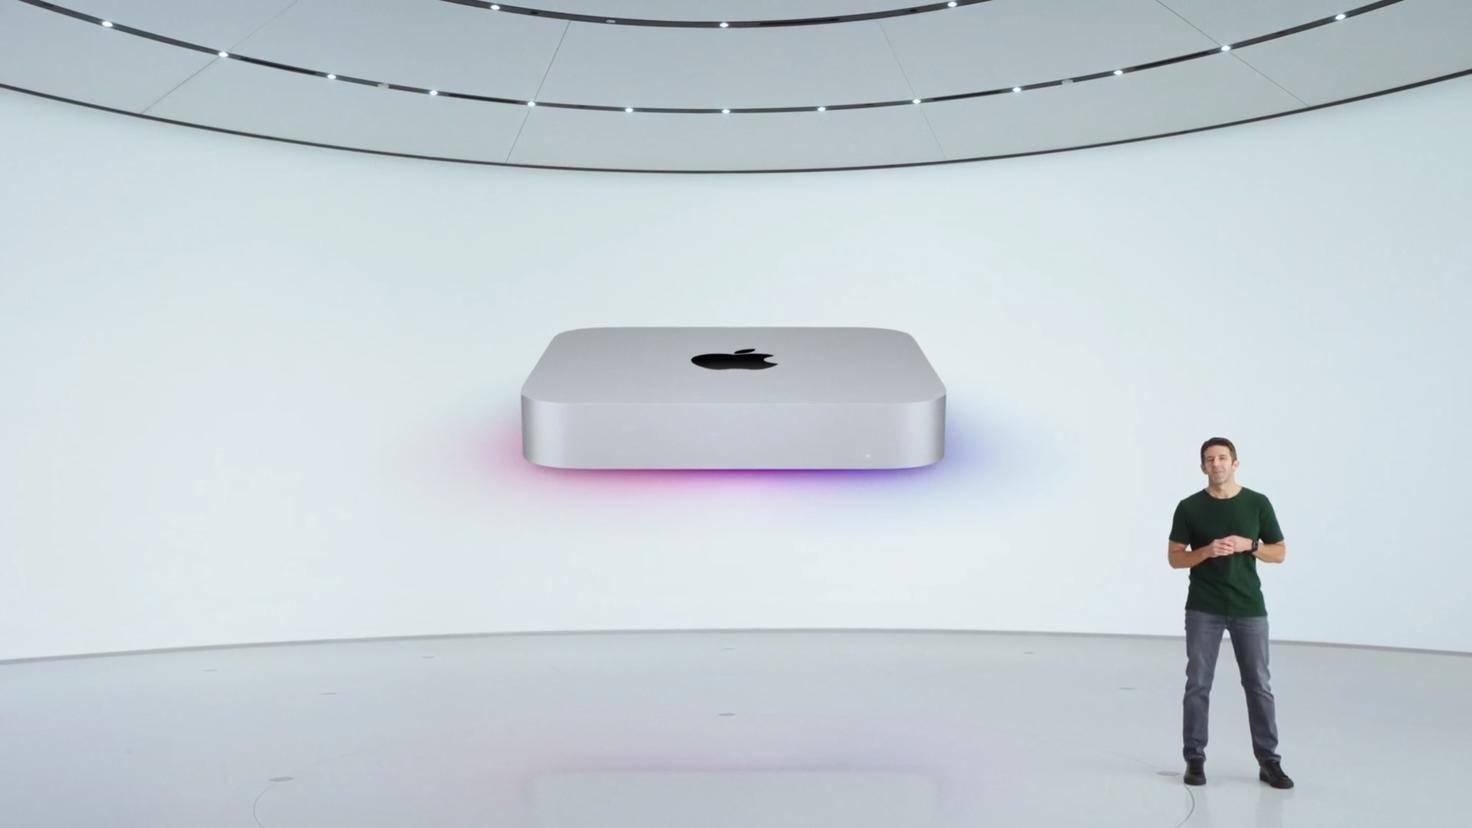 pomme-mac-mini-2020